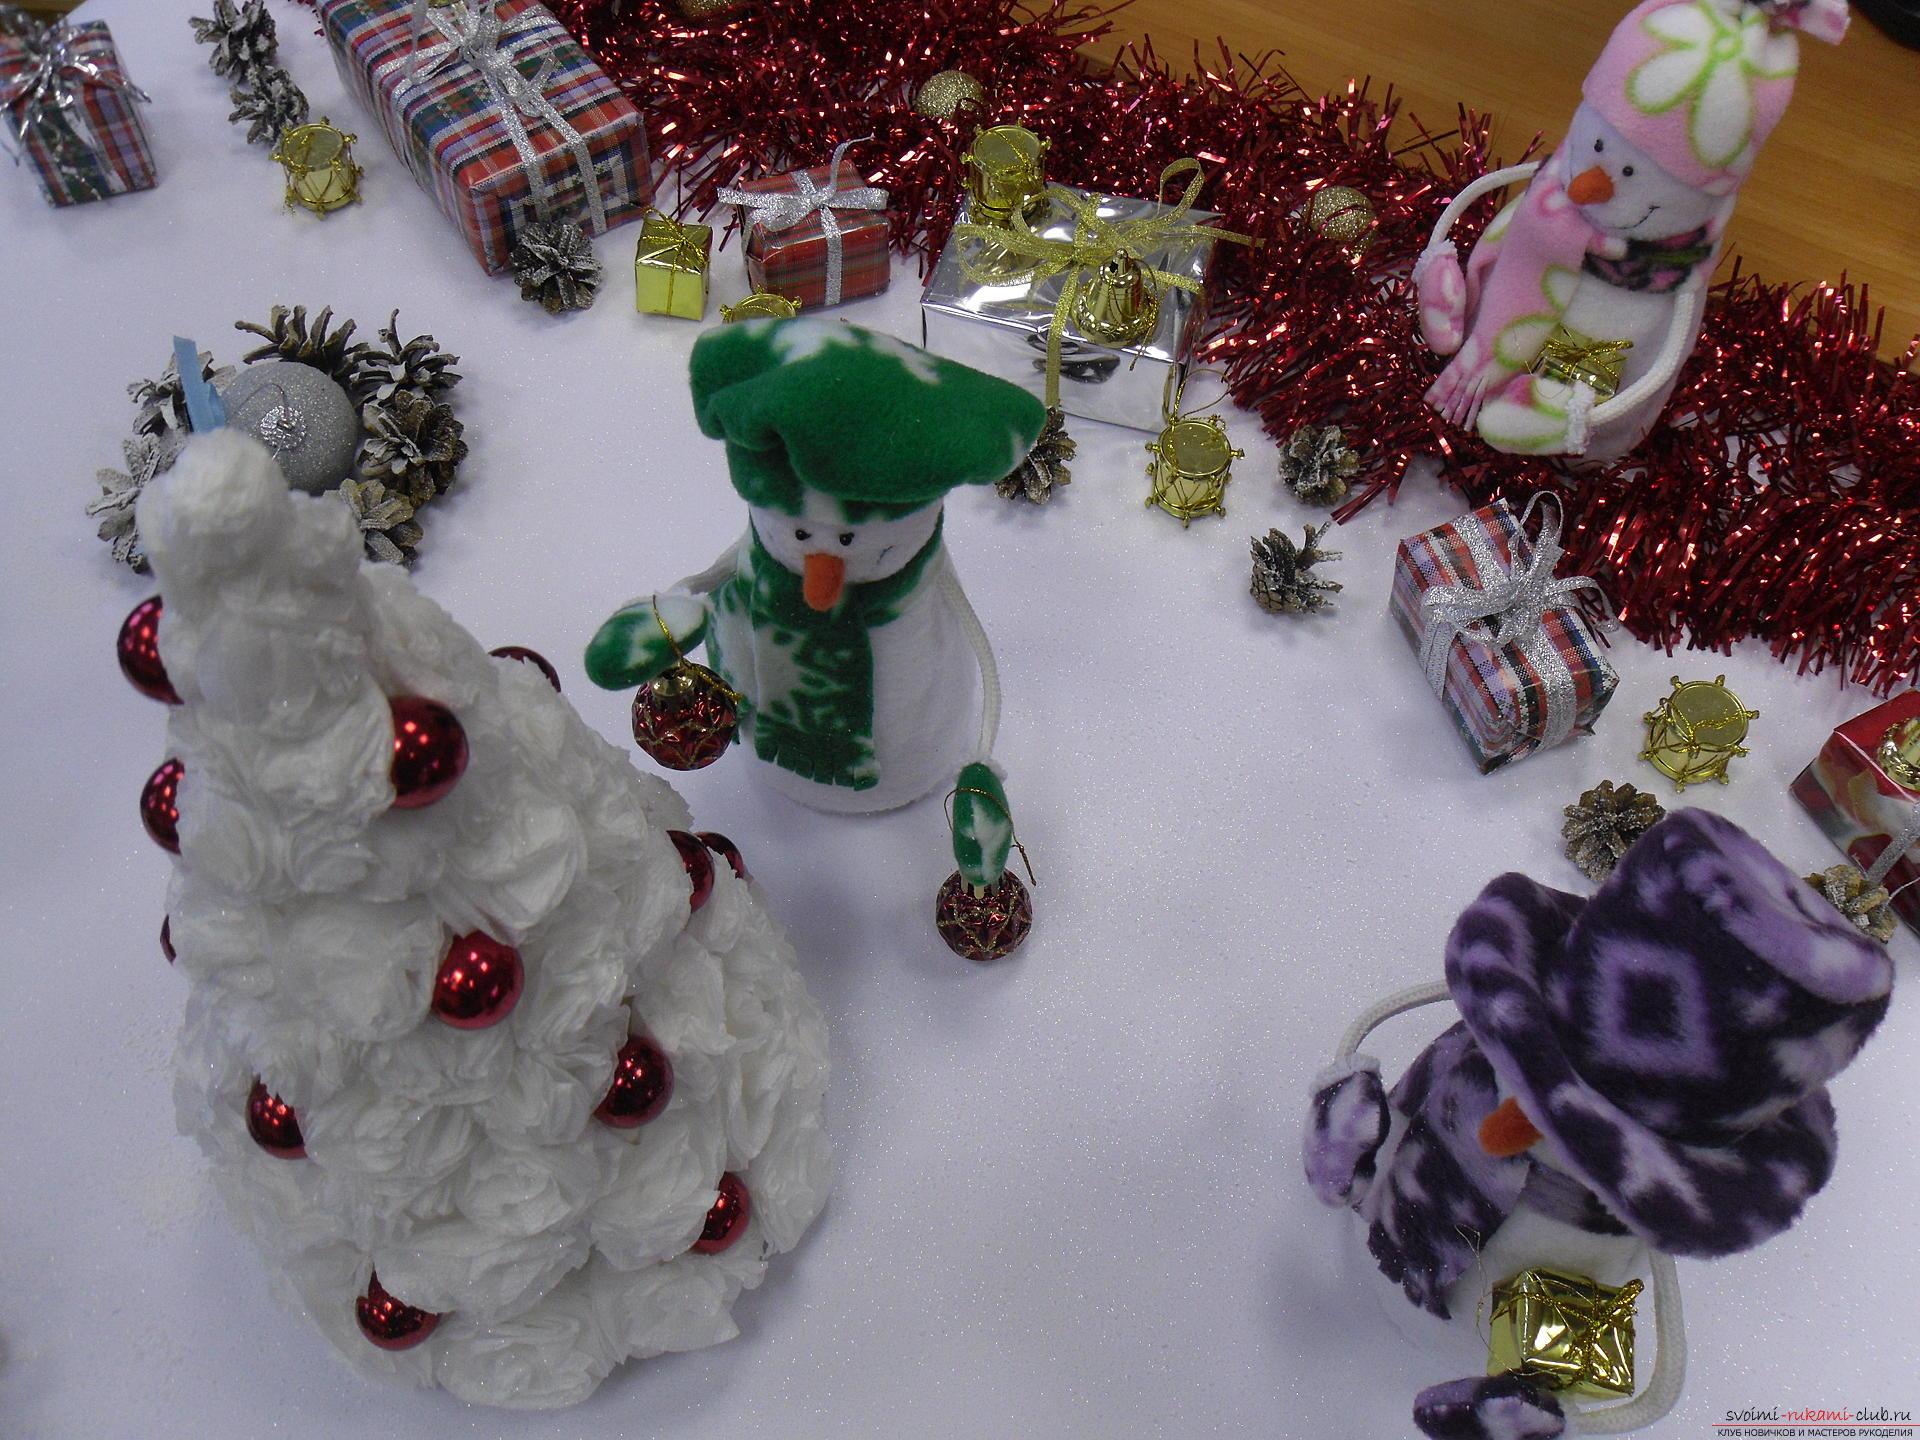 Снеговики из фетра помогут создать новогоднюю обстановку в каждом доме. Поделка на Новый год может быть не купленной в магазине, украшение к новогоднему столу можно сделать своими руками.. Фото №3